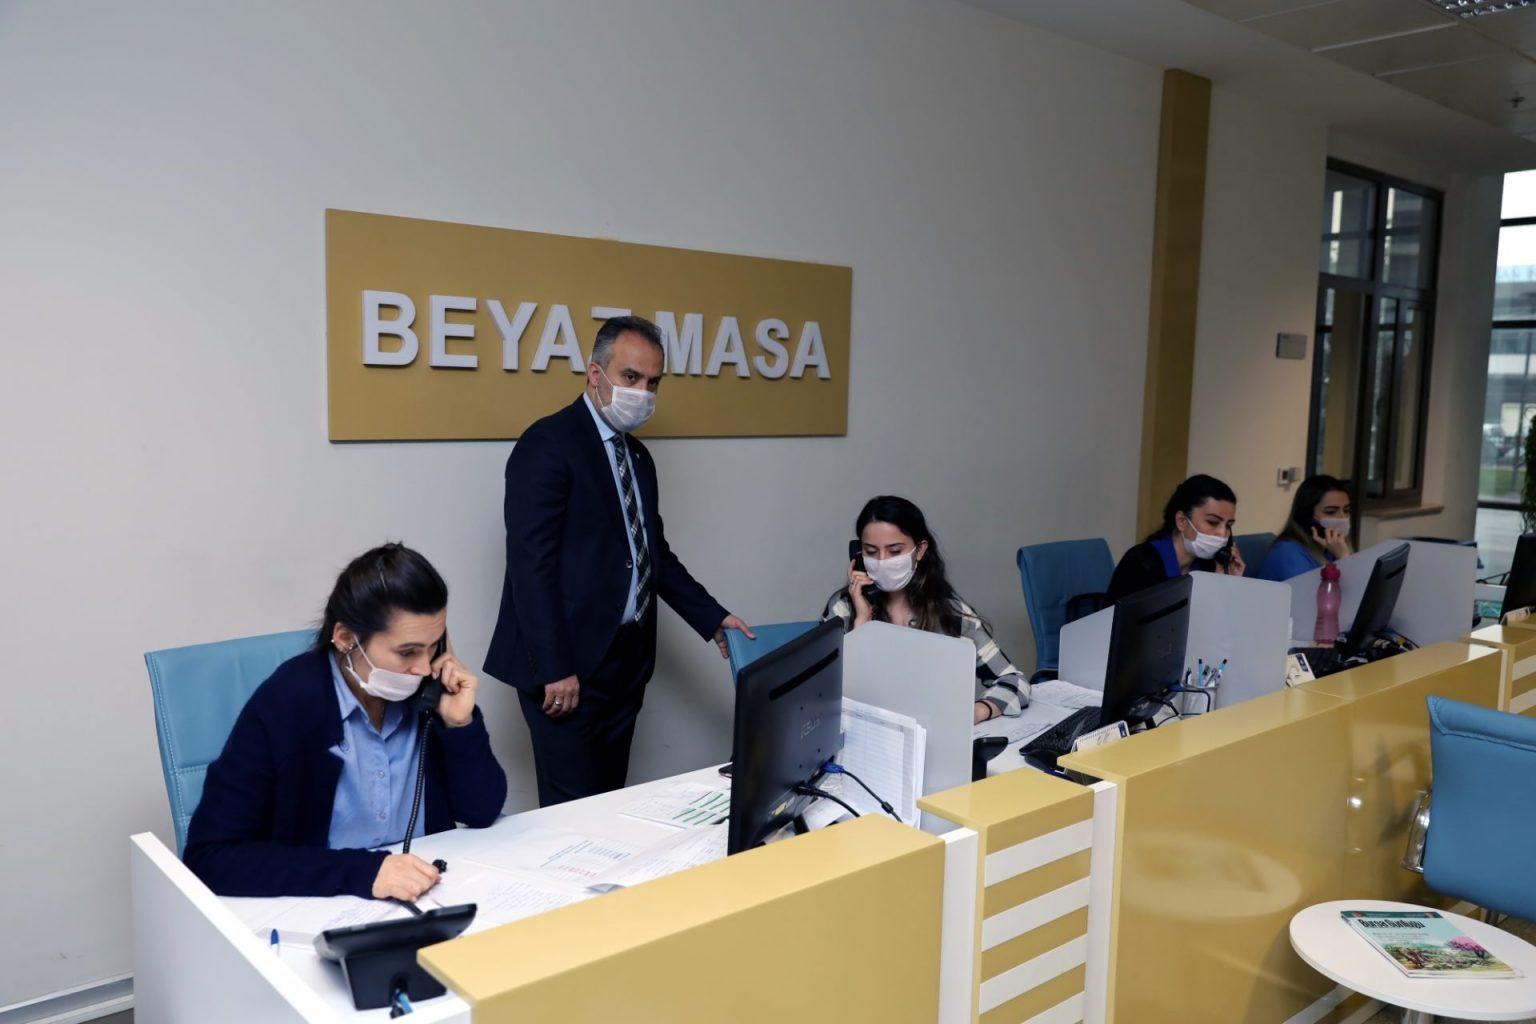 Büyükşehir Belediye Başkanı Alinur Aktaş ALO 153 personeliyle biraraya geldi